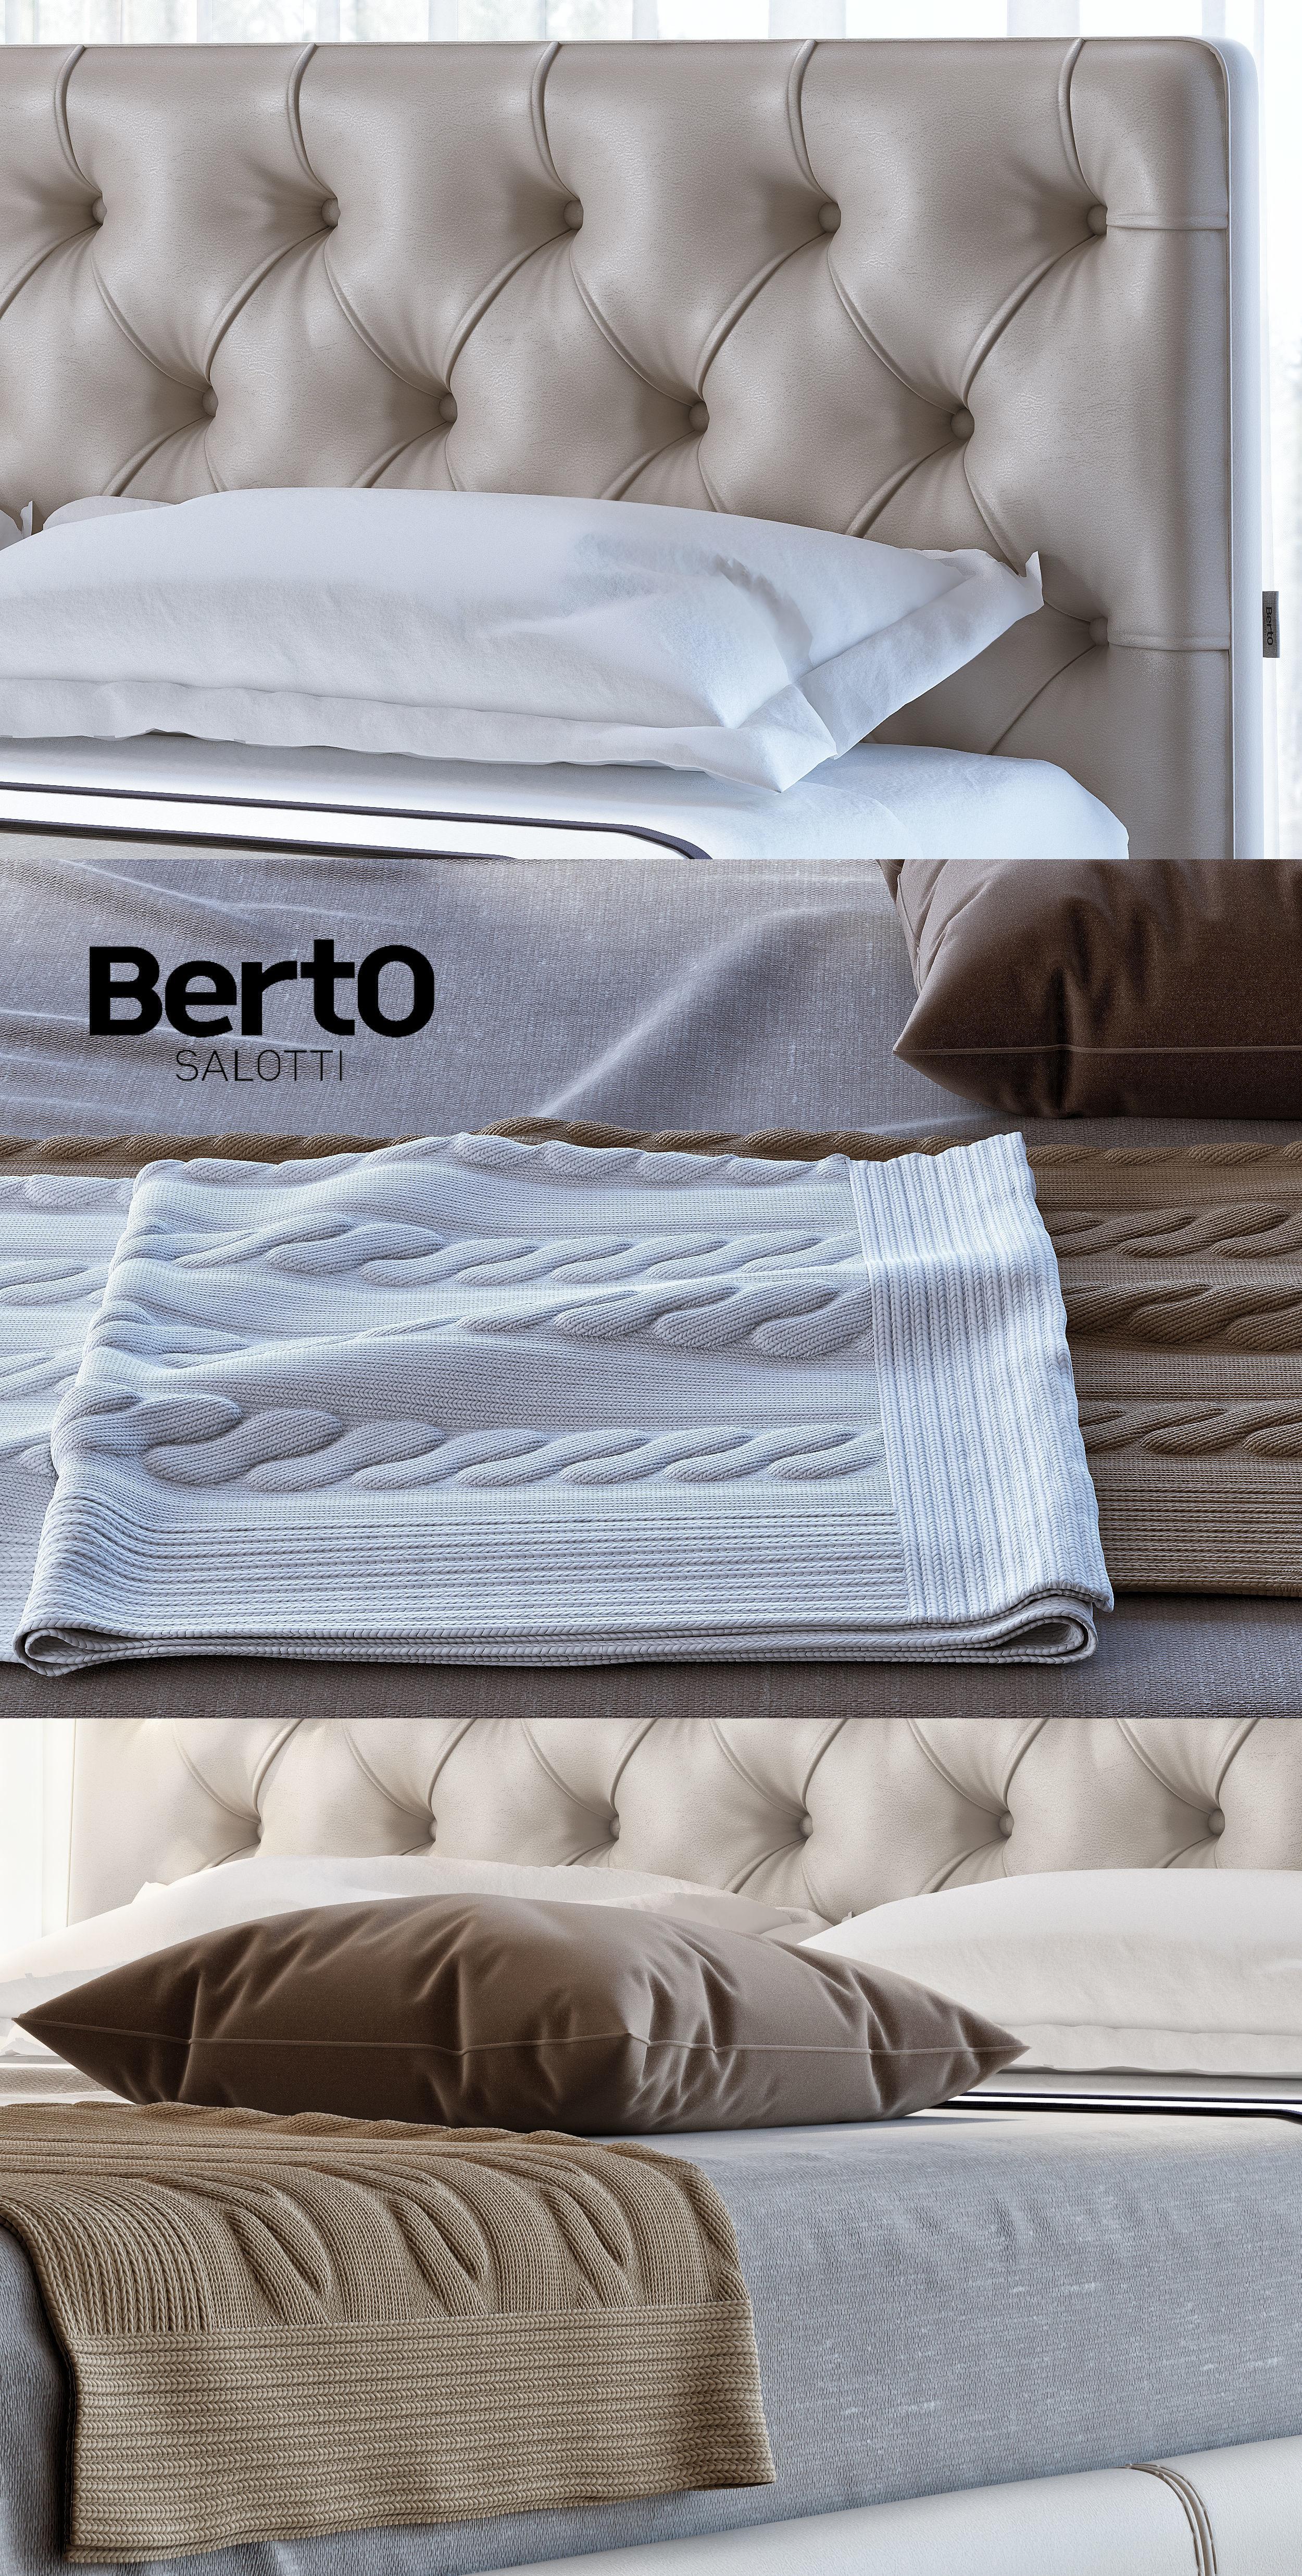 max bed bedding decorating beautiful bedroom designer ideas studio ides best tips bedrooms